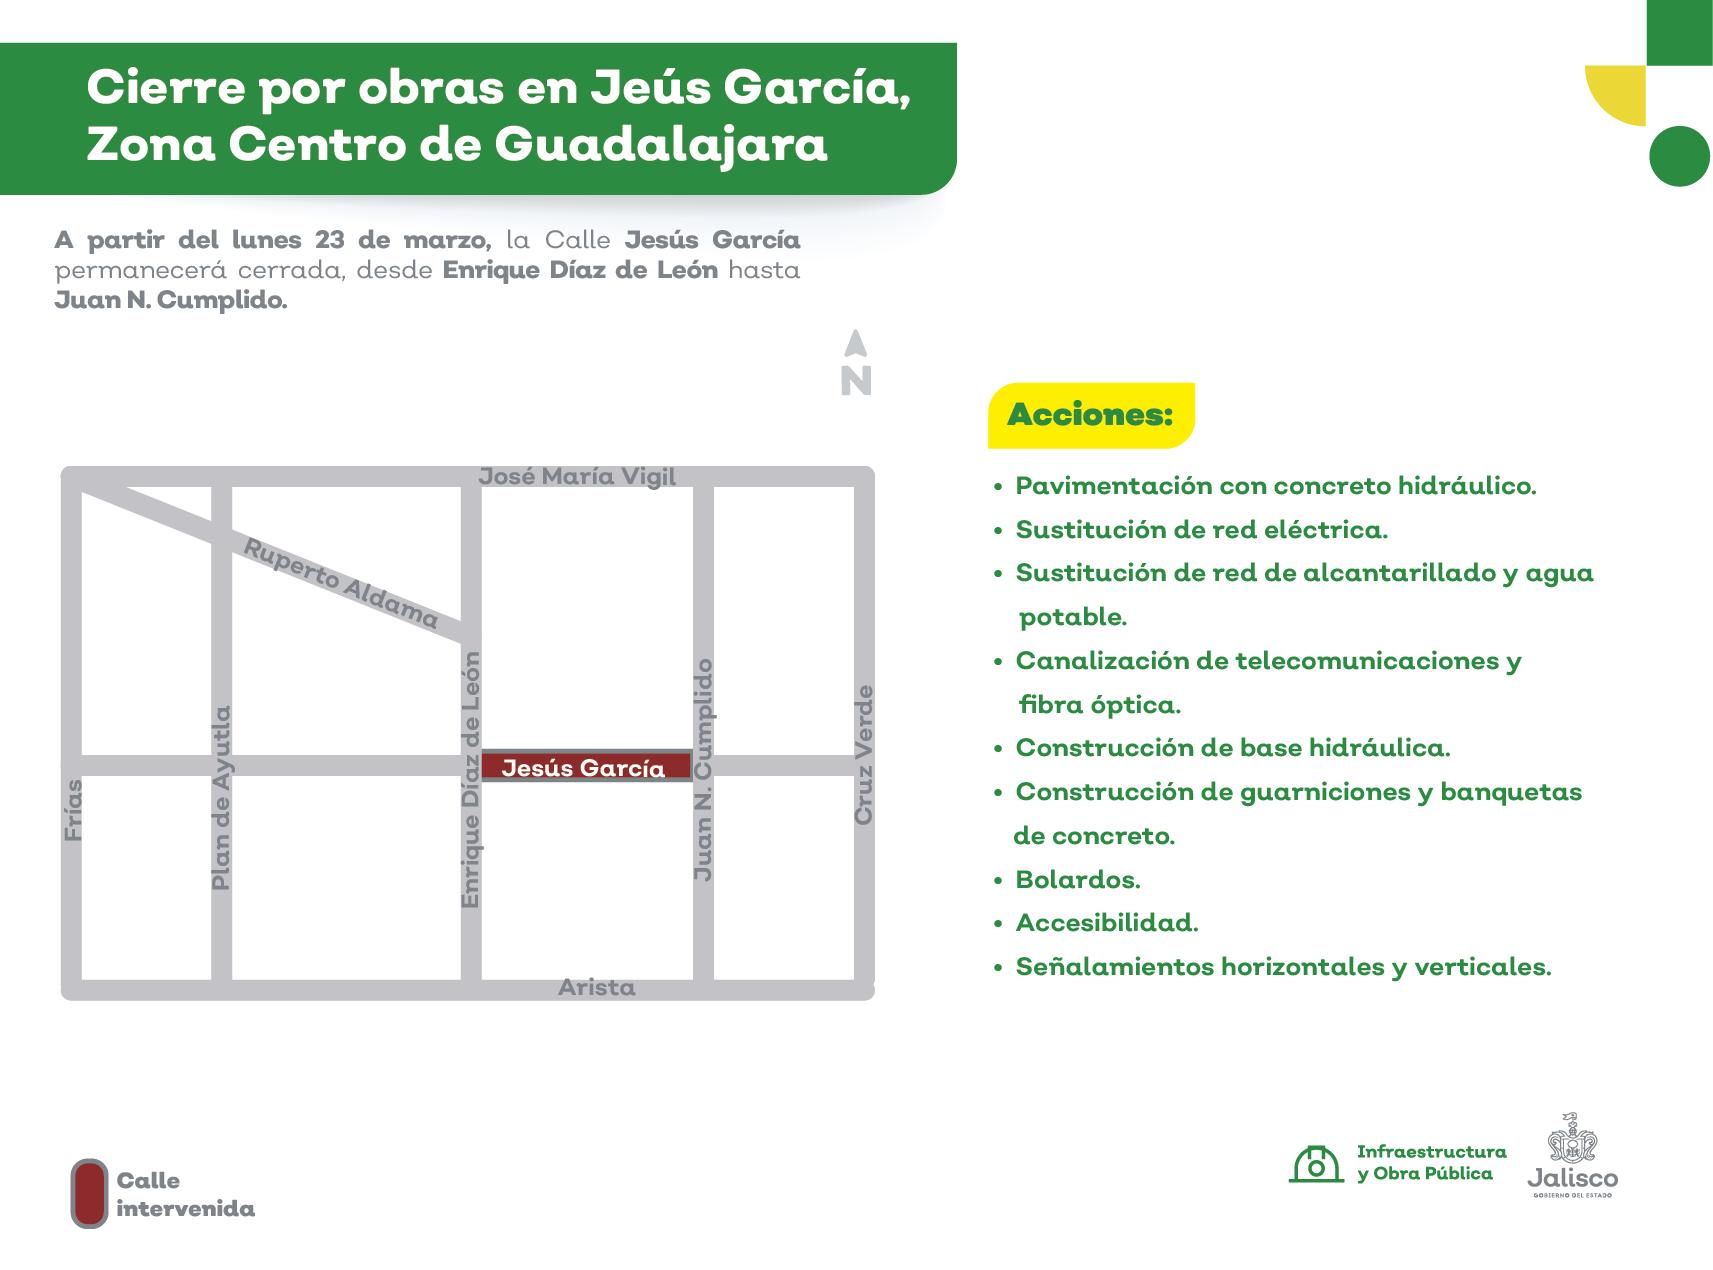 SIOP continúa con la rehabilitación de calles de la ciudad